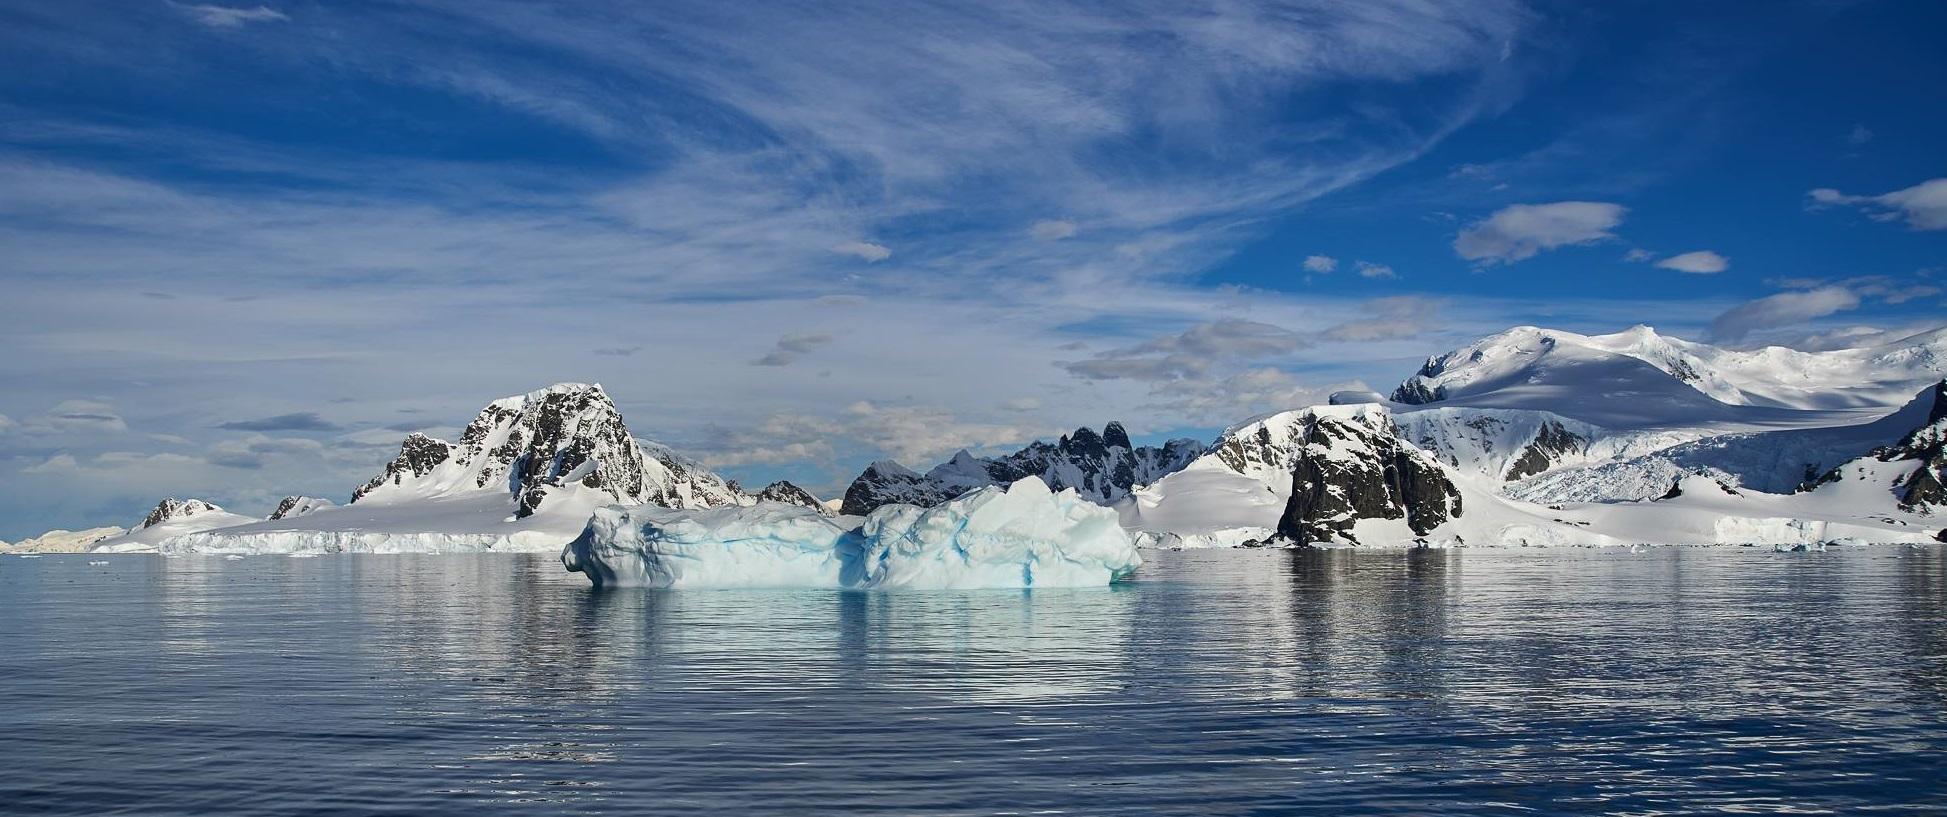 Antartcic image_1.jpg